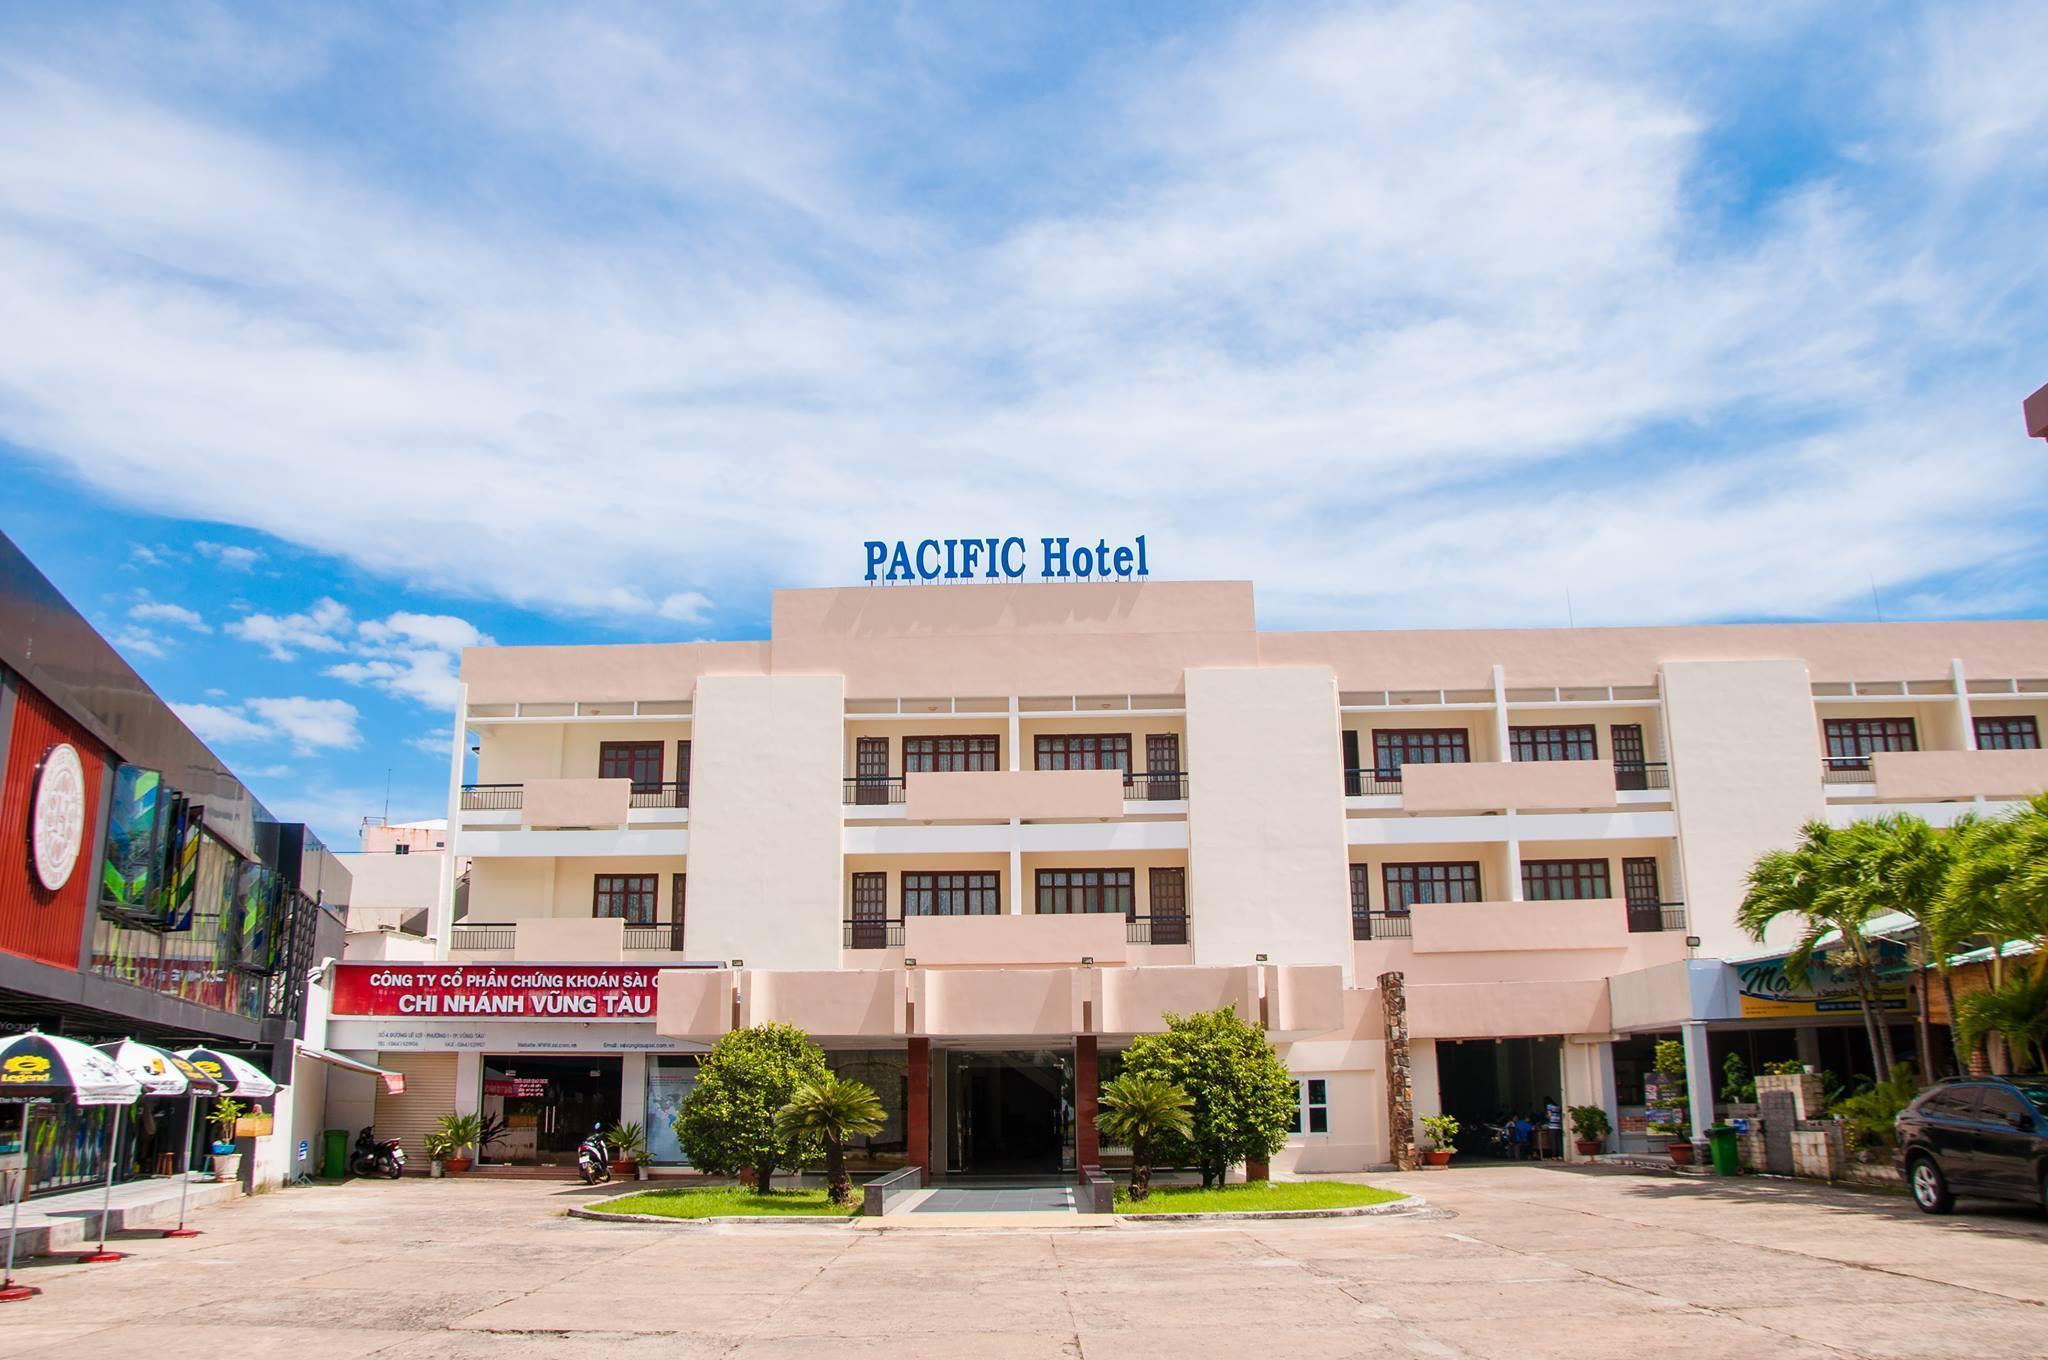 Pacific Hotel, Vũng Tàu